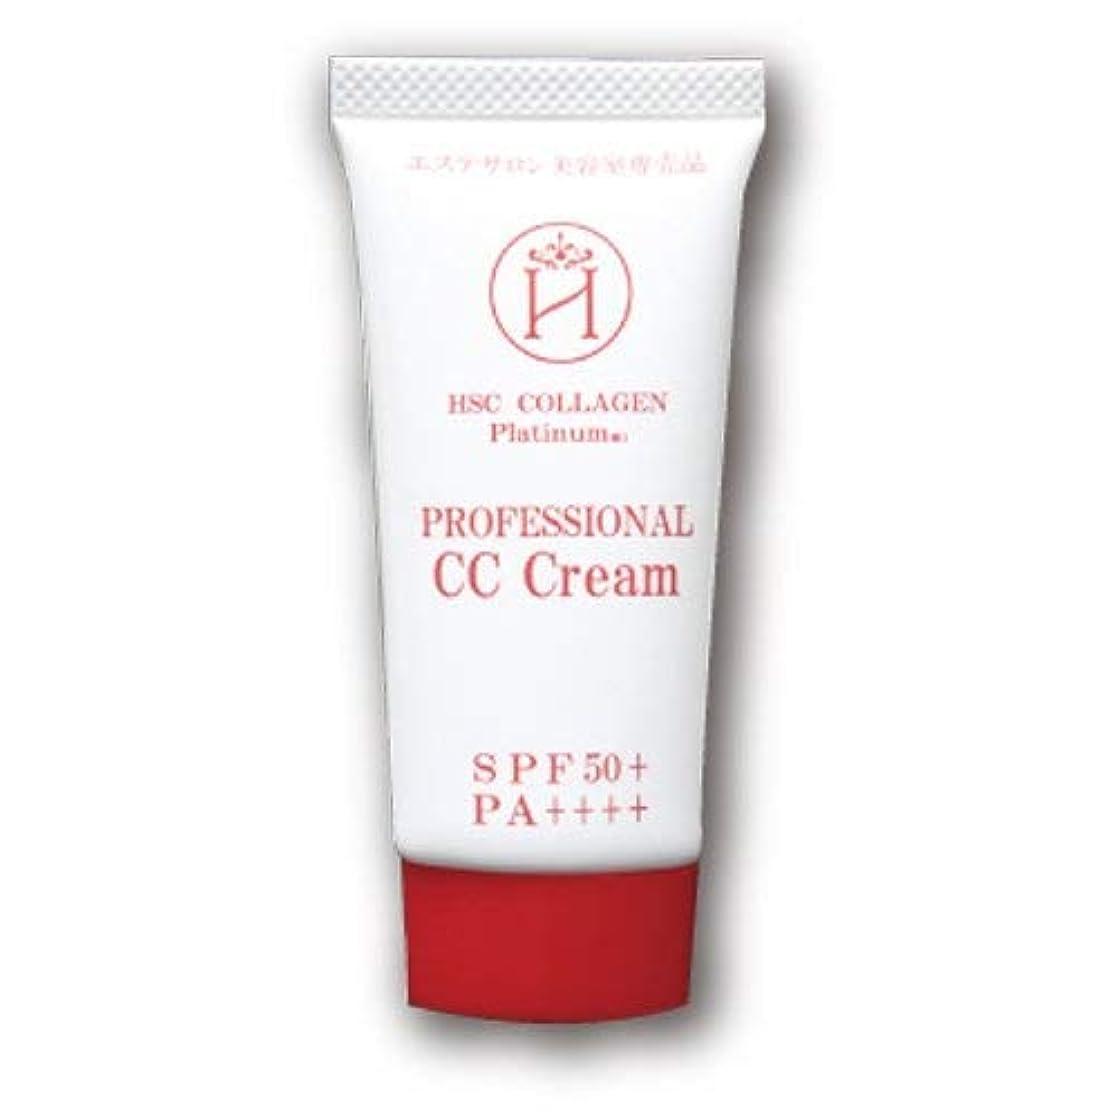 美容師検索エンジンマーケティング架空のPROFESSIONAL CC Cream